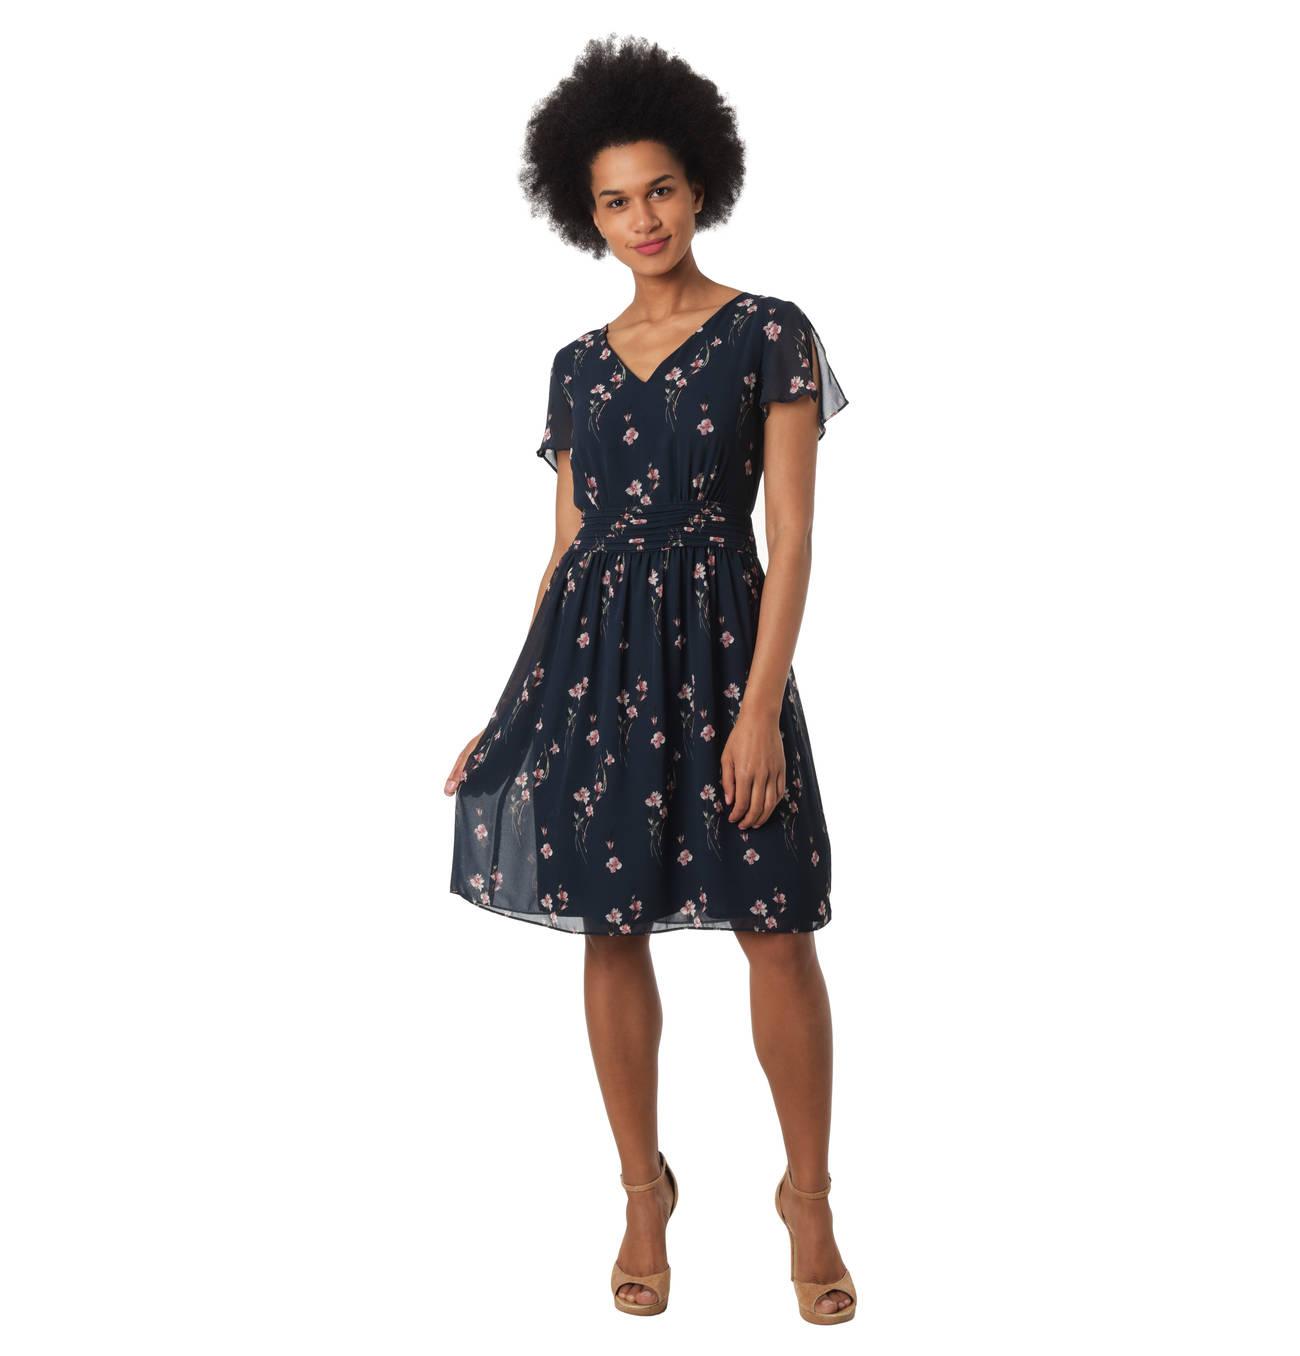 Kleid, mittellang, Blumen-Print, Binde-Gürtel, Kurzarm  Kleider